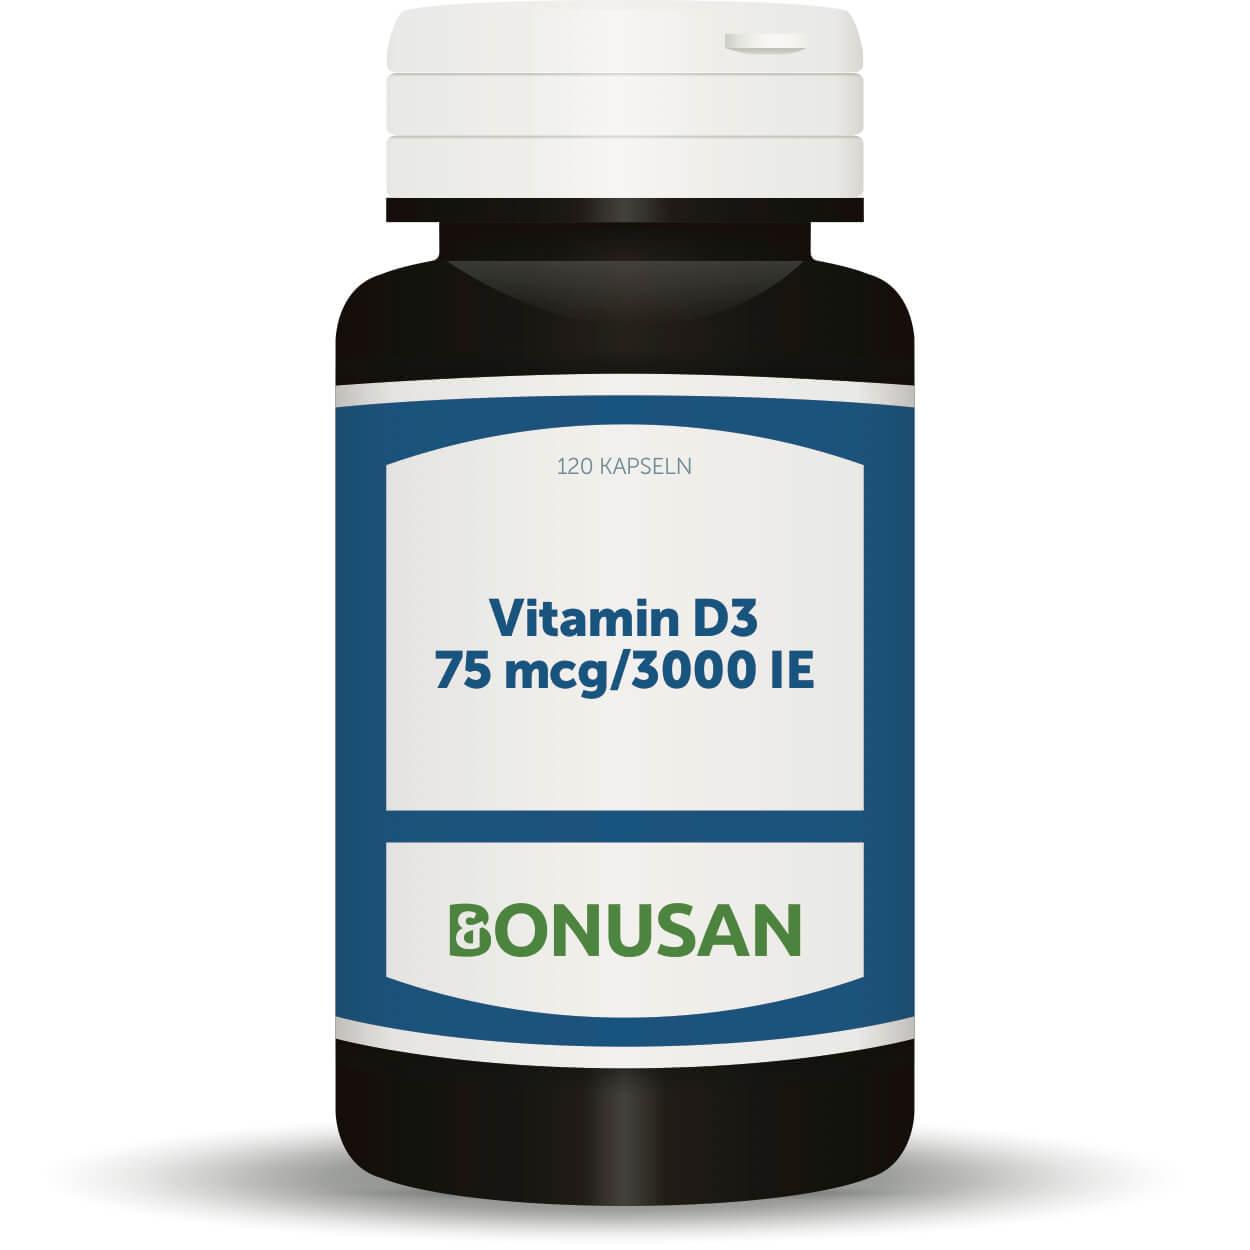 Vitamin D3 - 7.5 mcg/3000 IE, 120 Stk. Softgel Kapseln